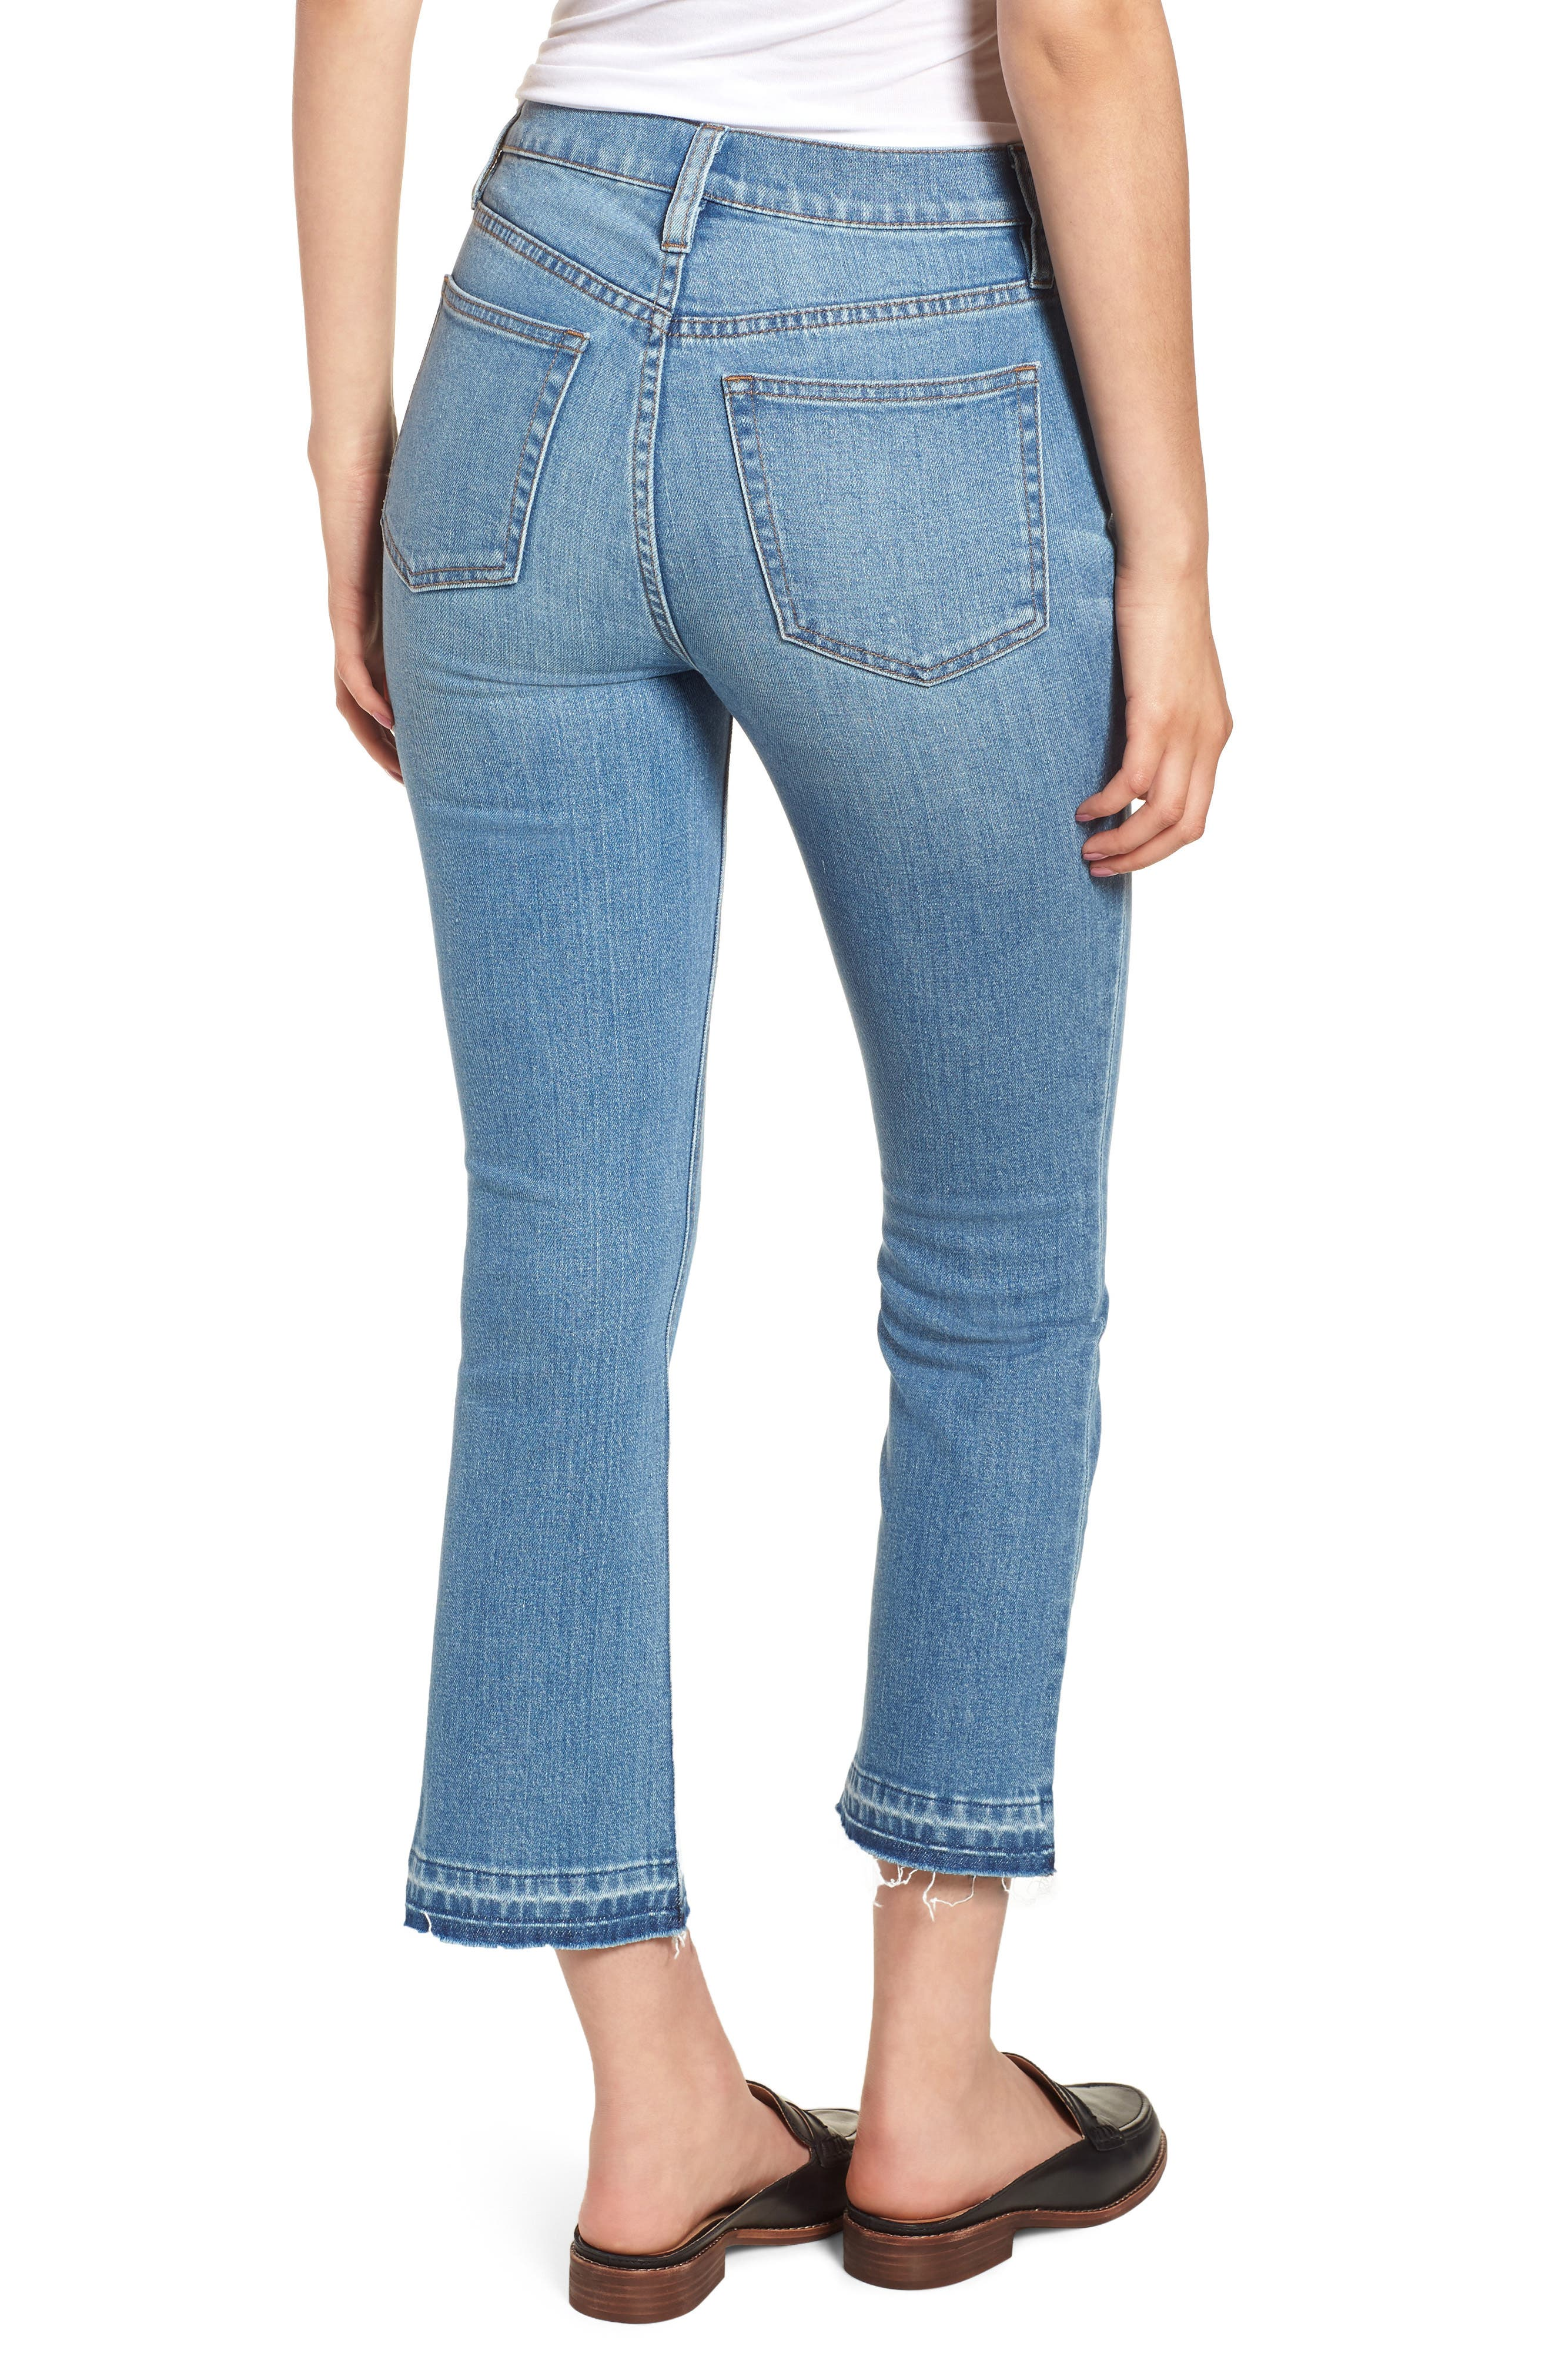 Billie Demi Boot Crop Jeans,                             Alternate thumbnail 2, color,                             400